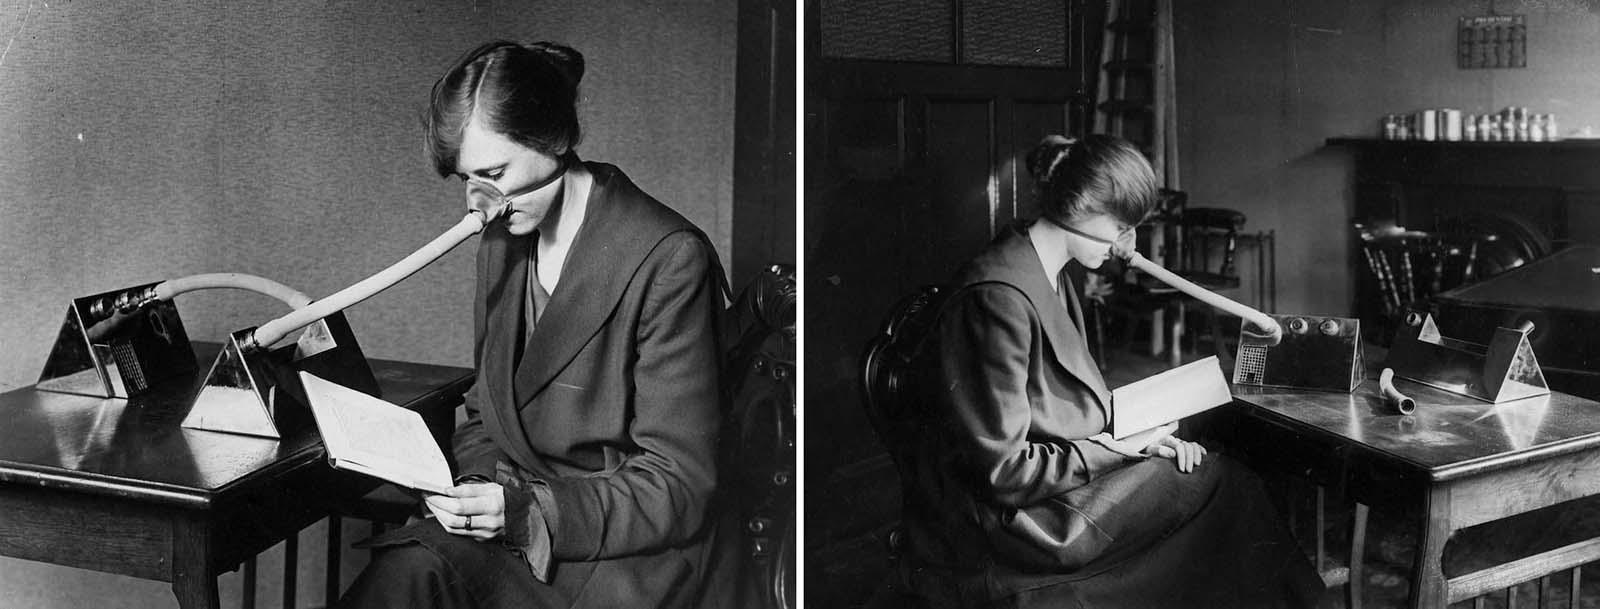 A patient wears a flu nozzle. 1919.